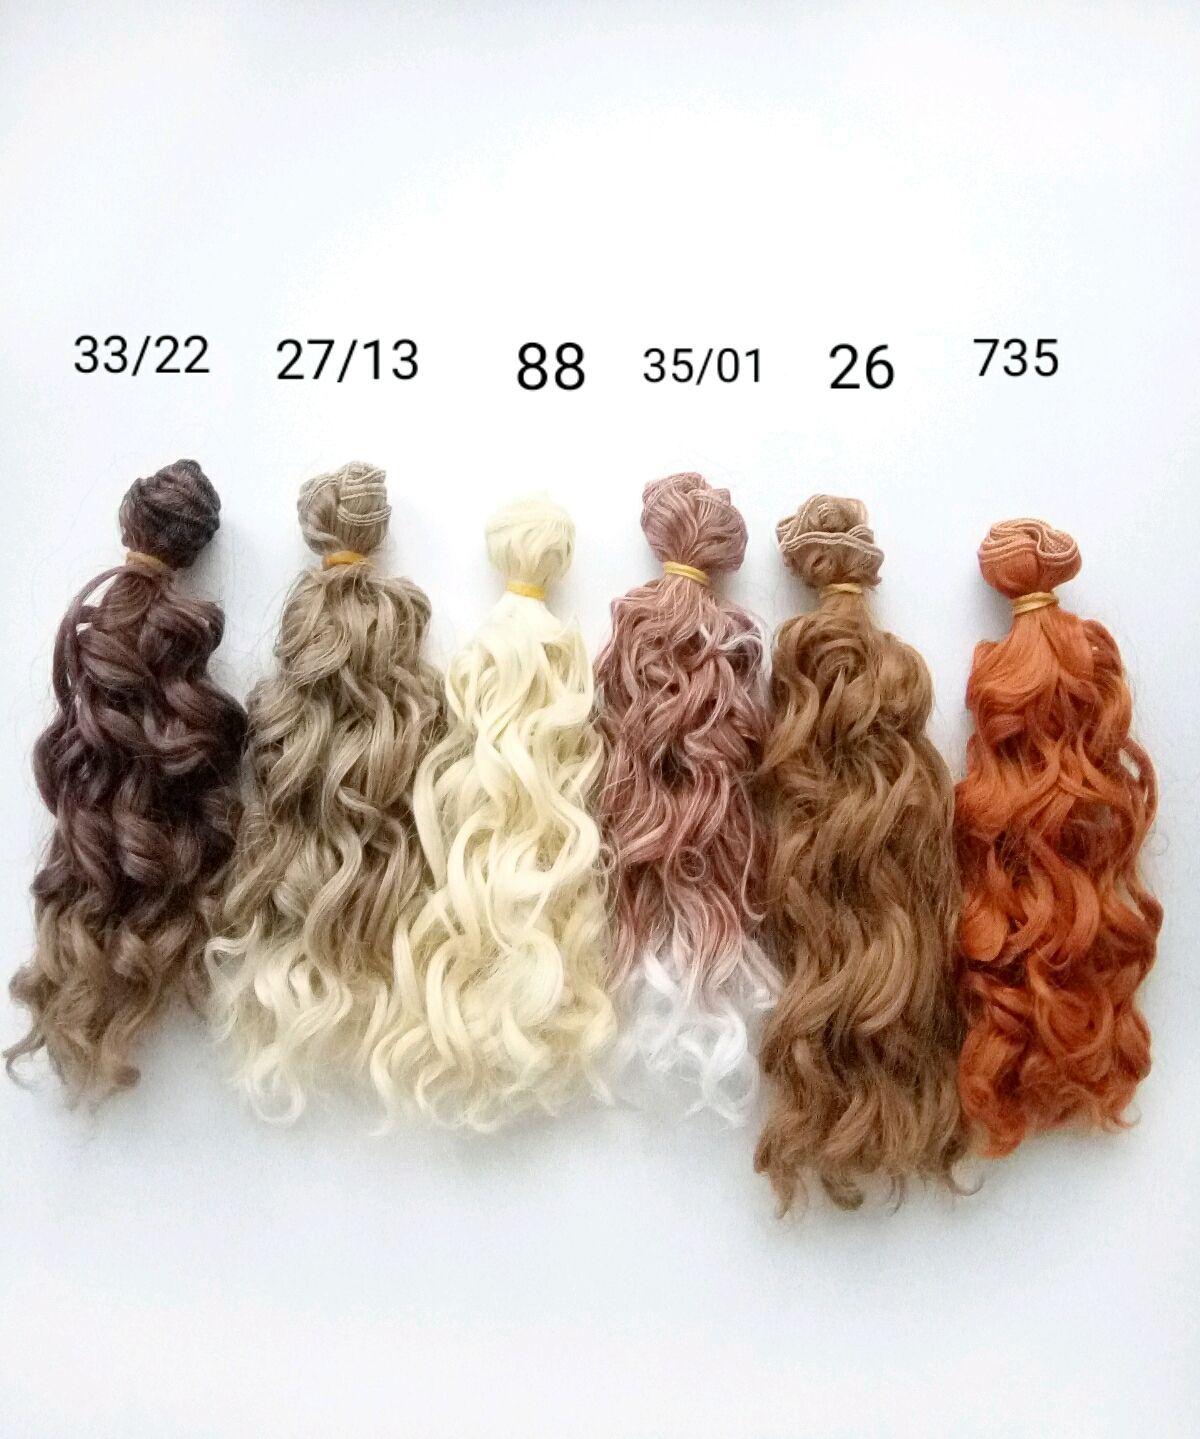 Волосы трессы для кукол кудри 15 см, Волосы для кукол, Дзержинск,  Фото №1